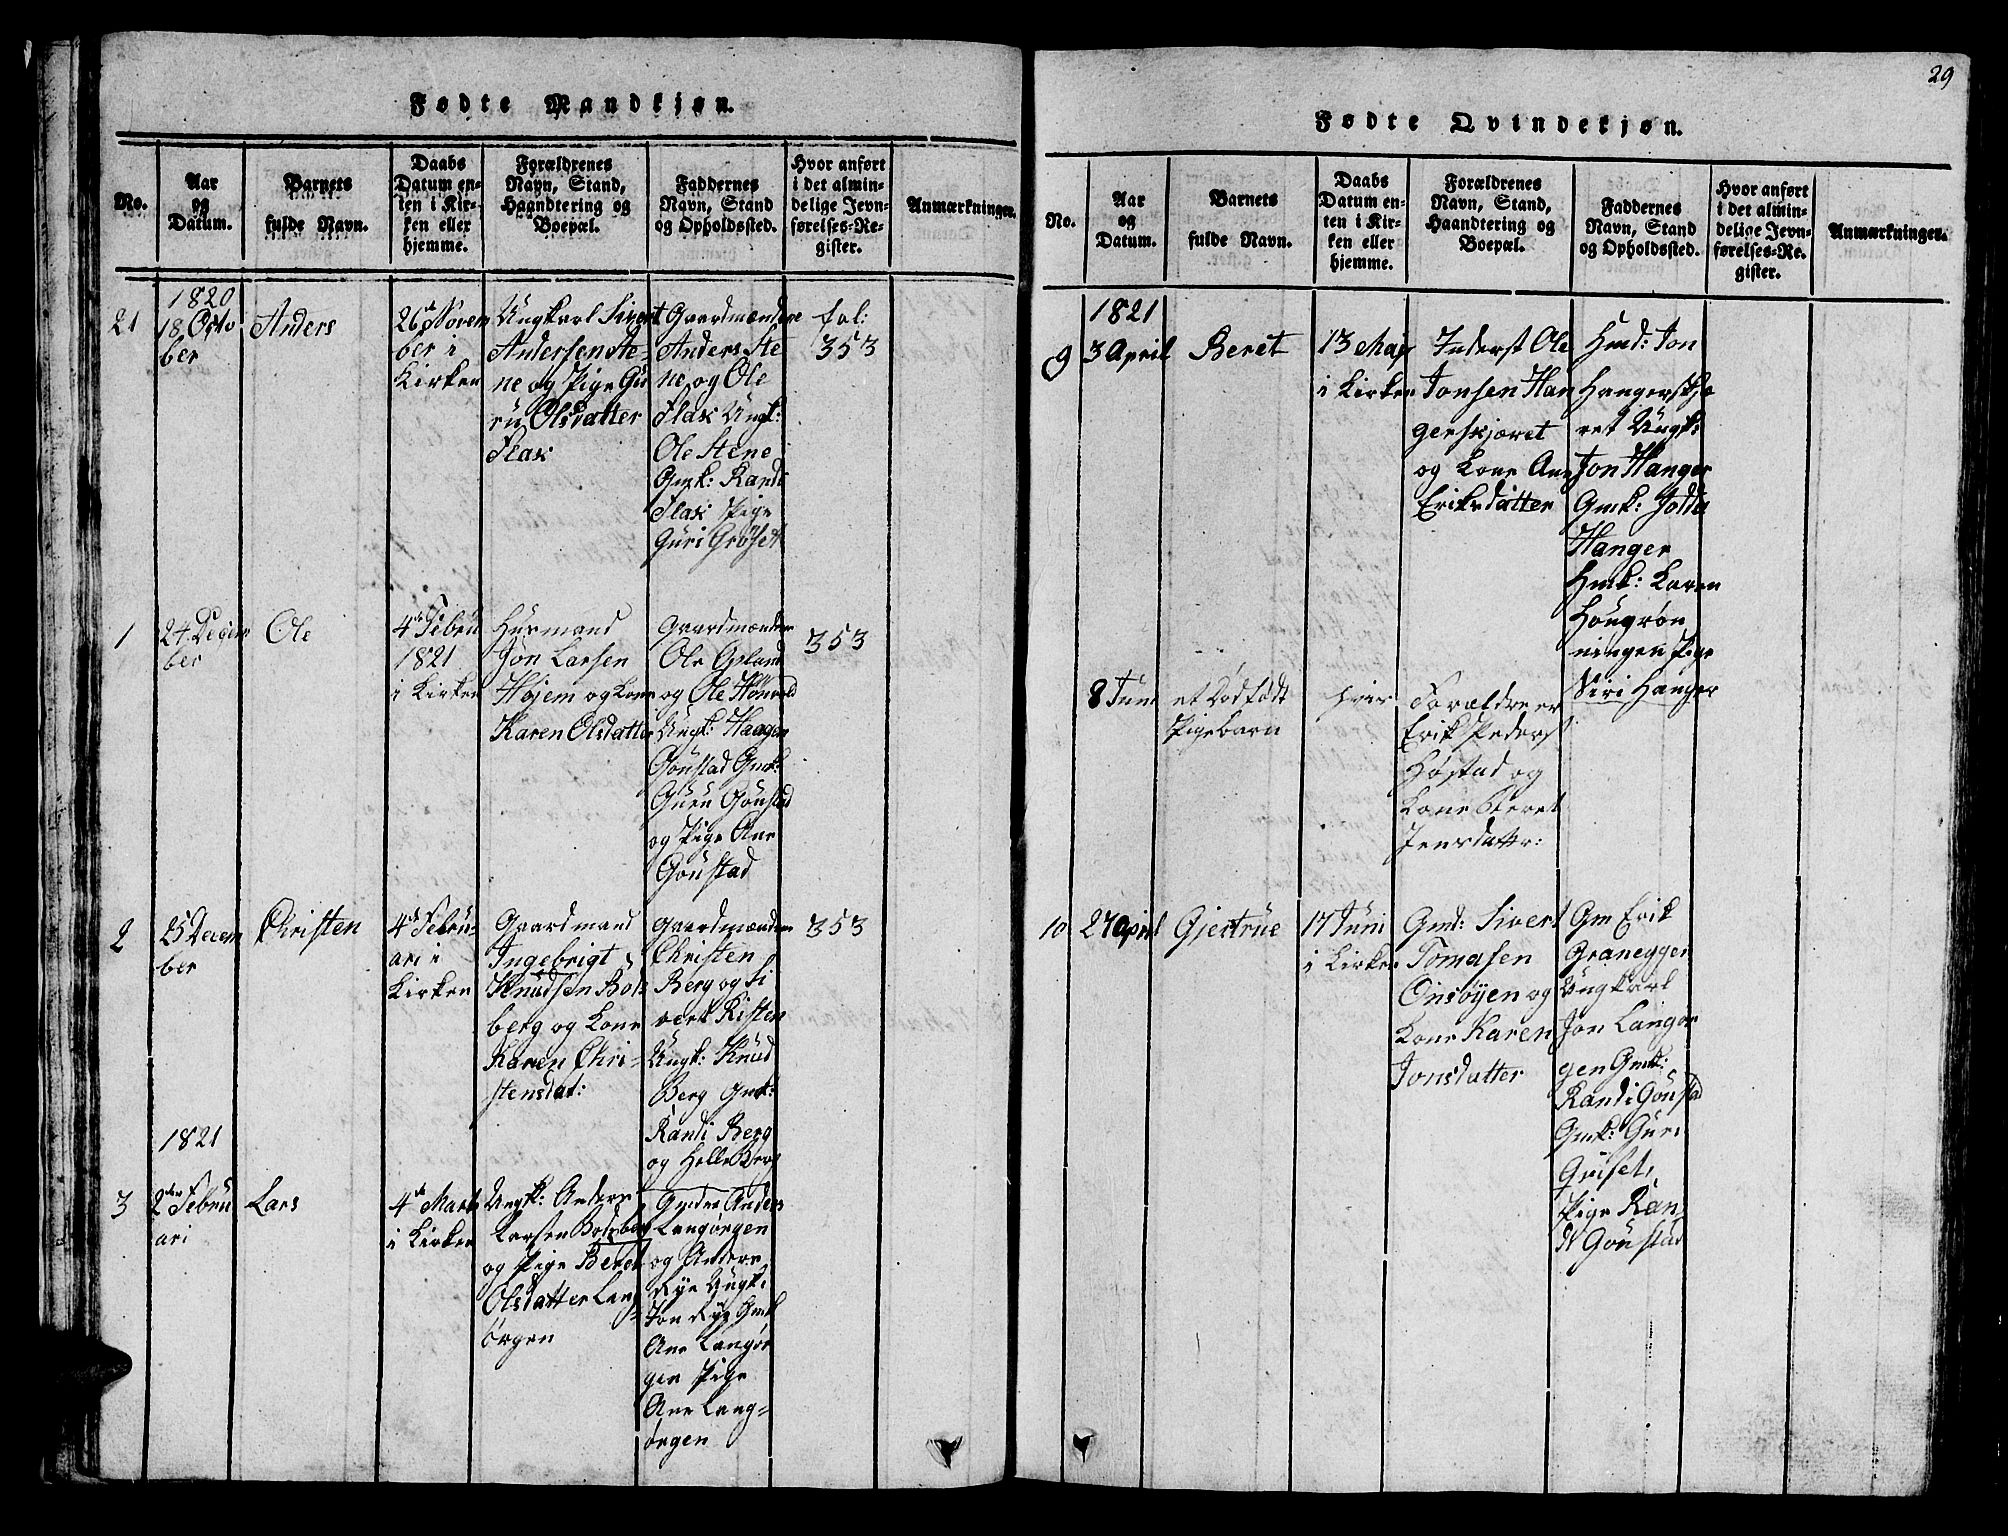 SAT, Ministerialprotokoller, klokkerbøker og fødselsregistre - Sør-Trøndelag, 612/L0385: Klokkerbok nr. 612C01, 1816-1845, s. 29